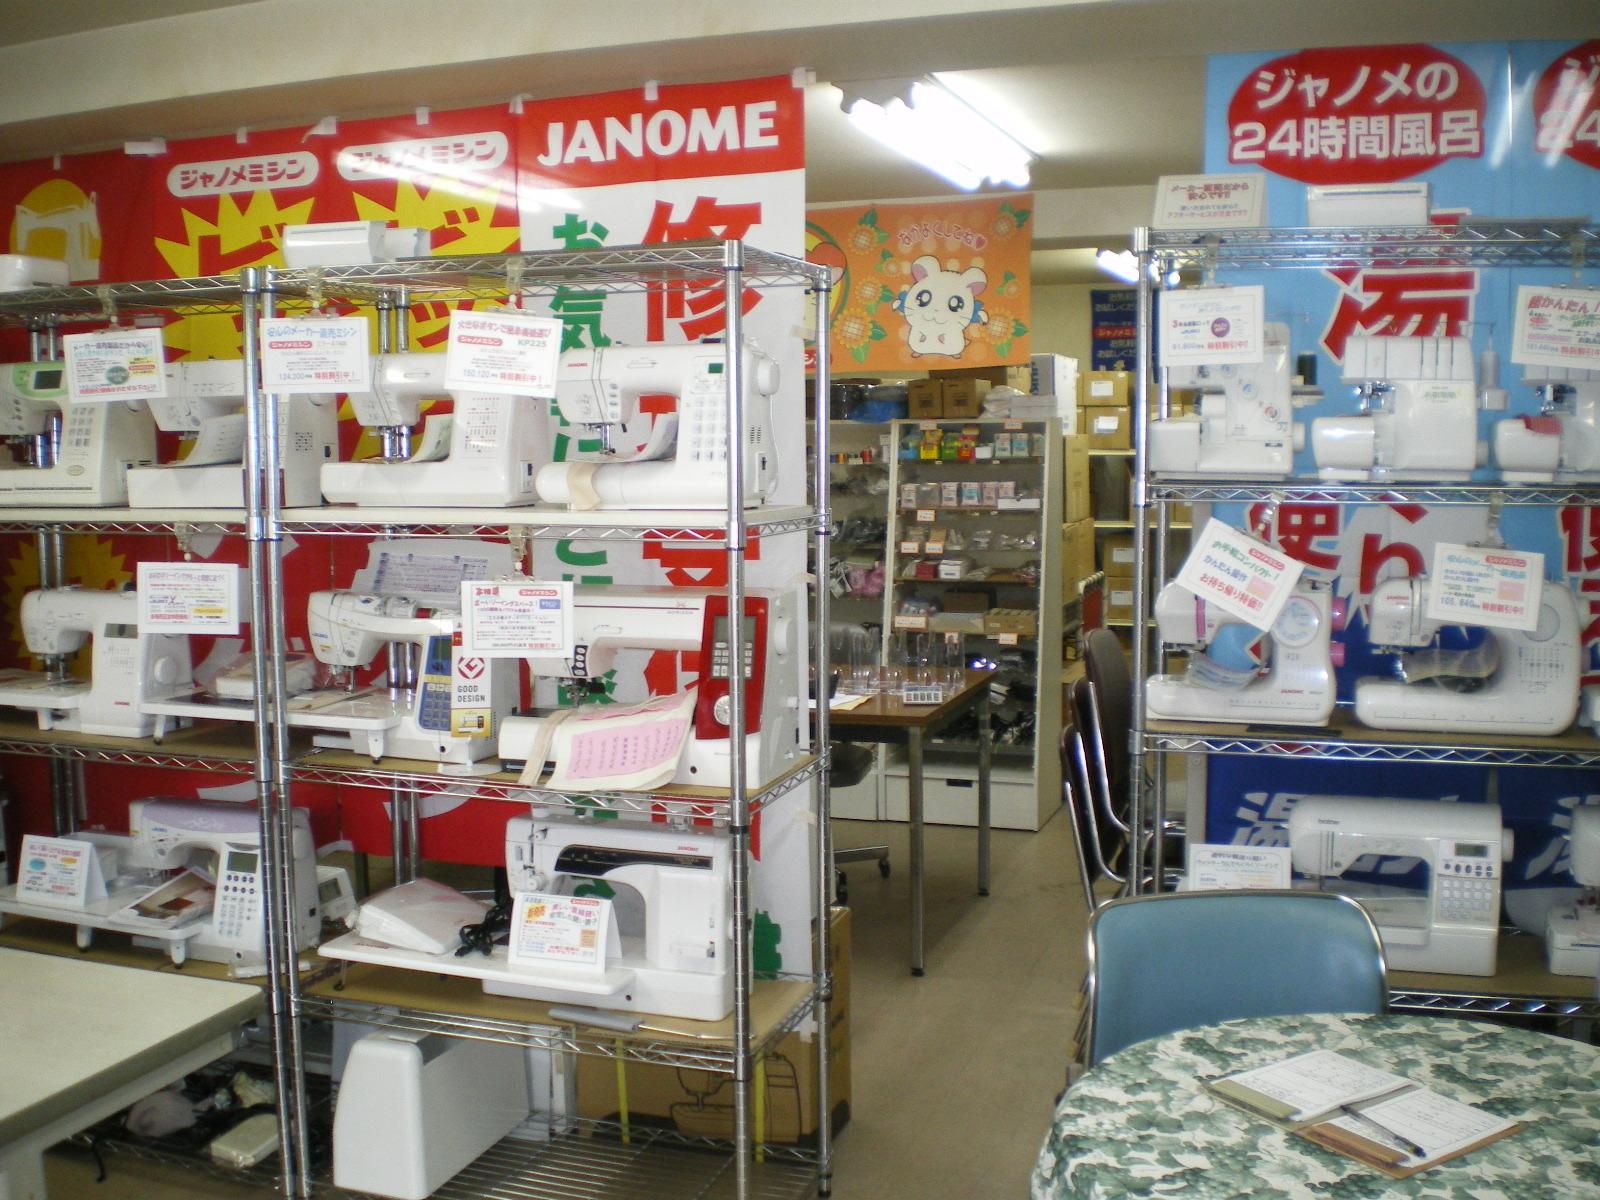 ジャノメミシン札幌中央店 北海道 札幌:ミシン販売・修理